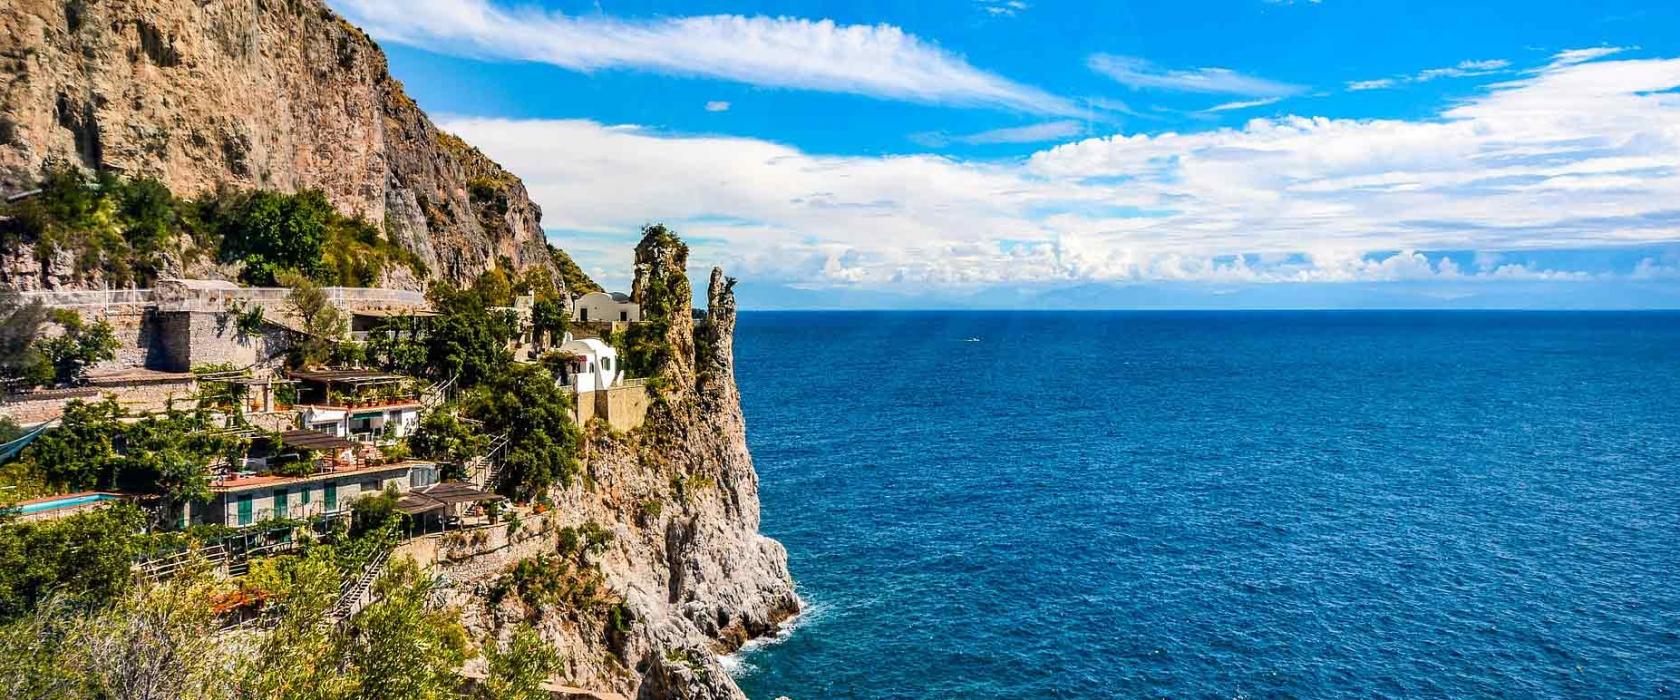 Amalfi e Dintorni | Itinerari Hotel Palace